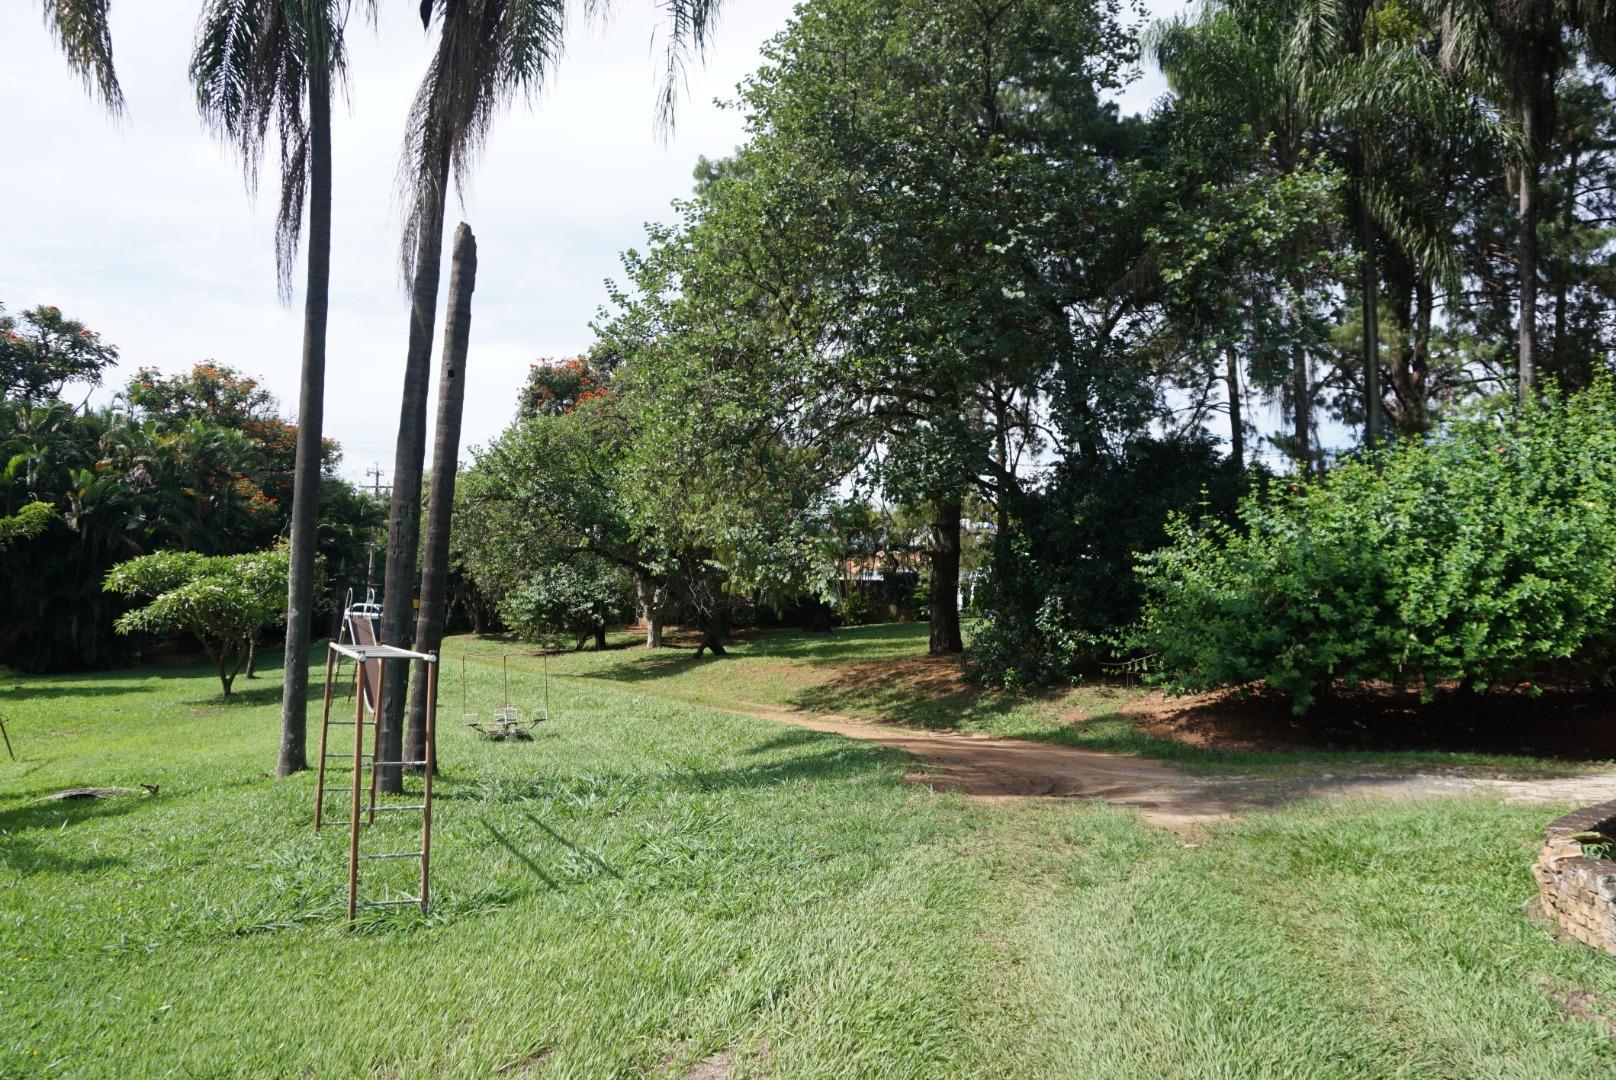 Chácara com 4 dormitórios à venda, 14000 m² por R$ 10.000.000 - Barão Geraldo - Campinas/SP